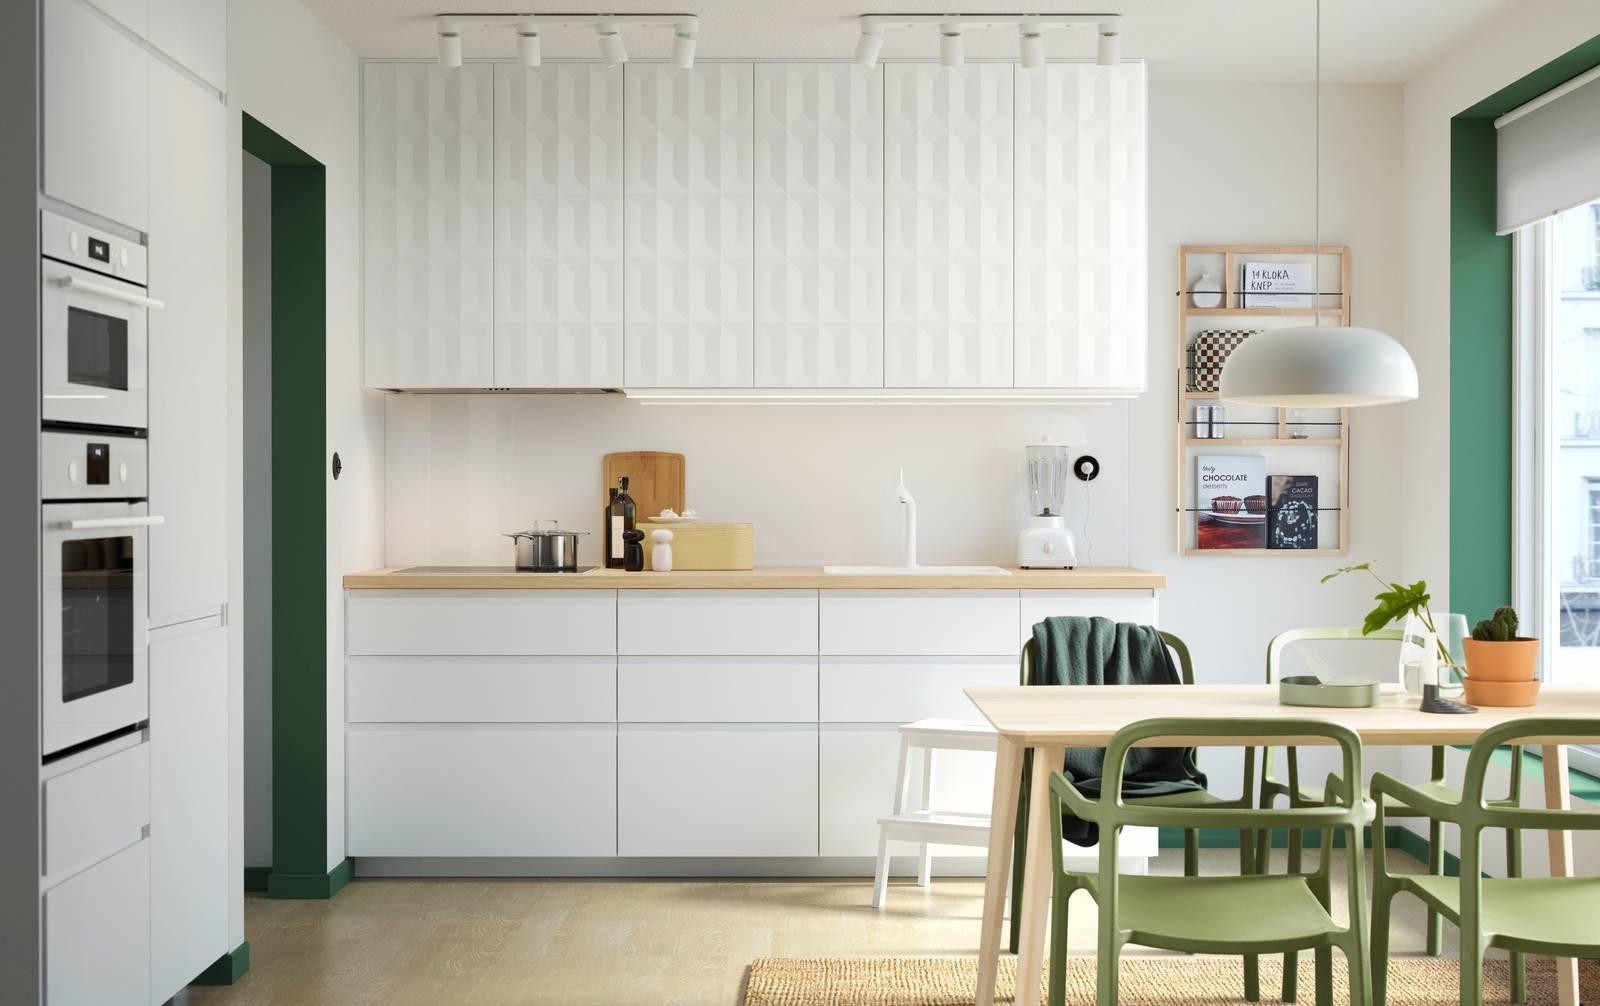 Colonna Dispensa Cucina Ikea 14 cucine con frigorifero incassato in una colonna - cose di